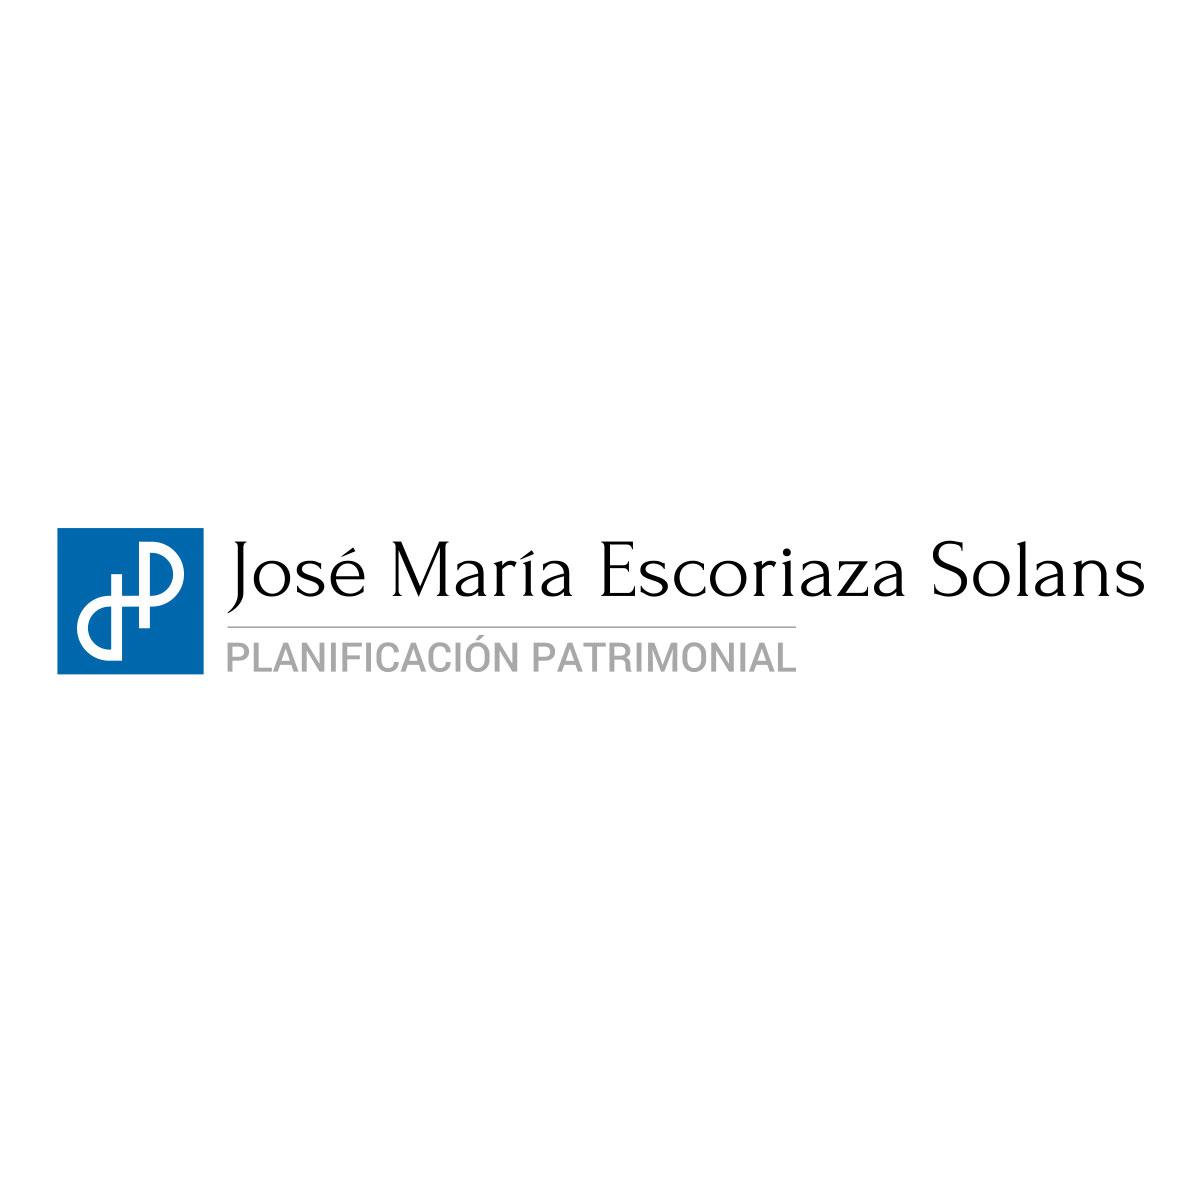 Logotipo planificación patrimonial